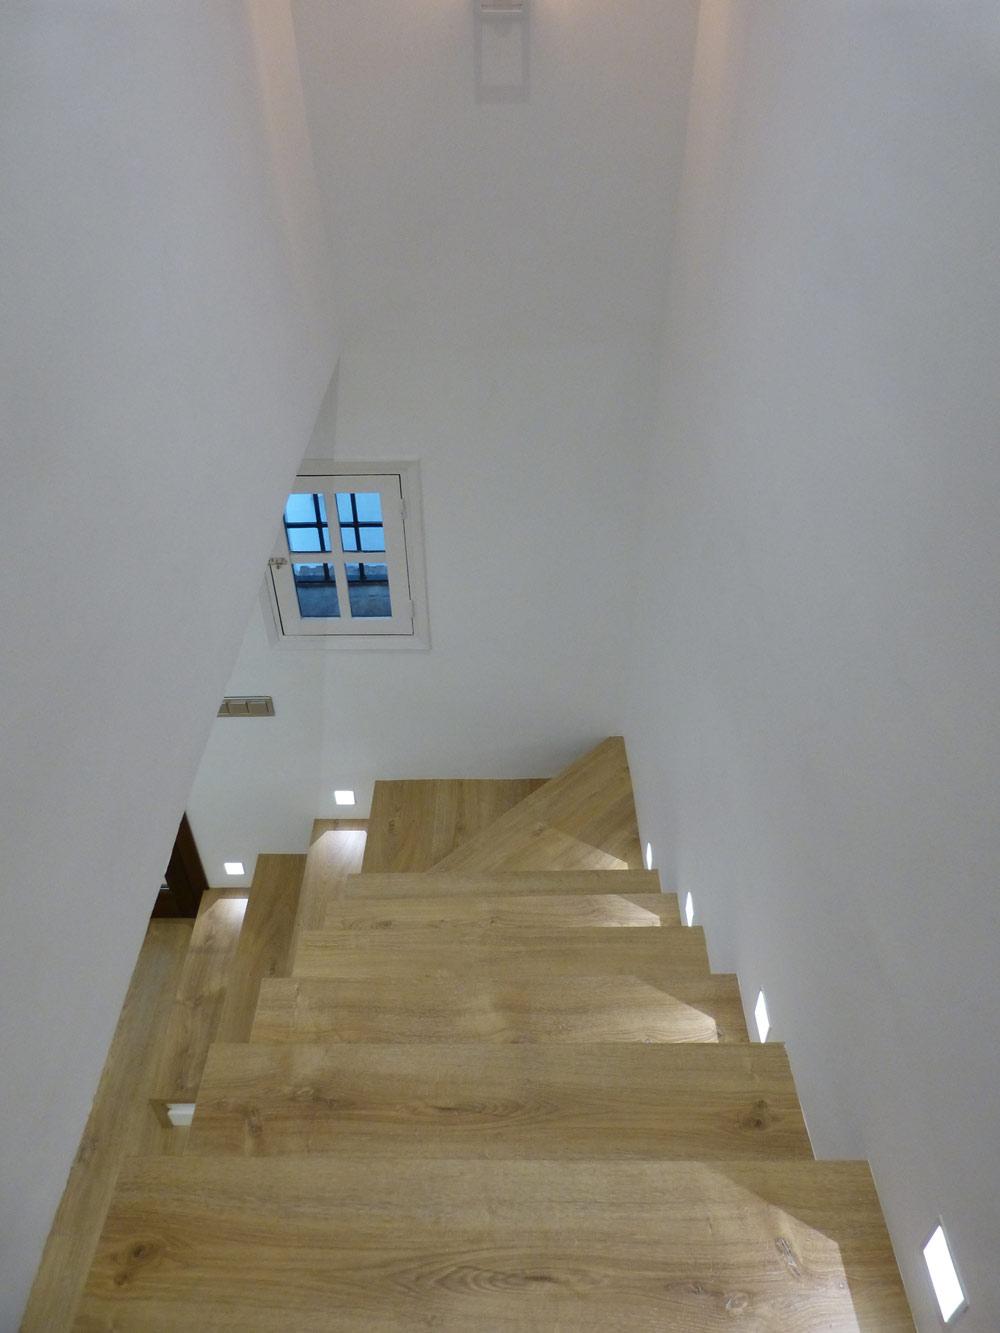 Escaleras de madera Conely